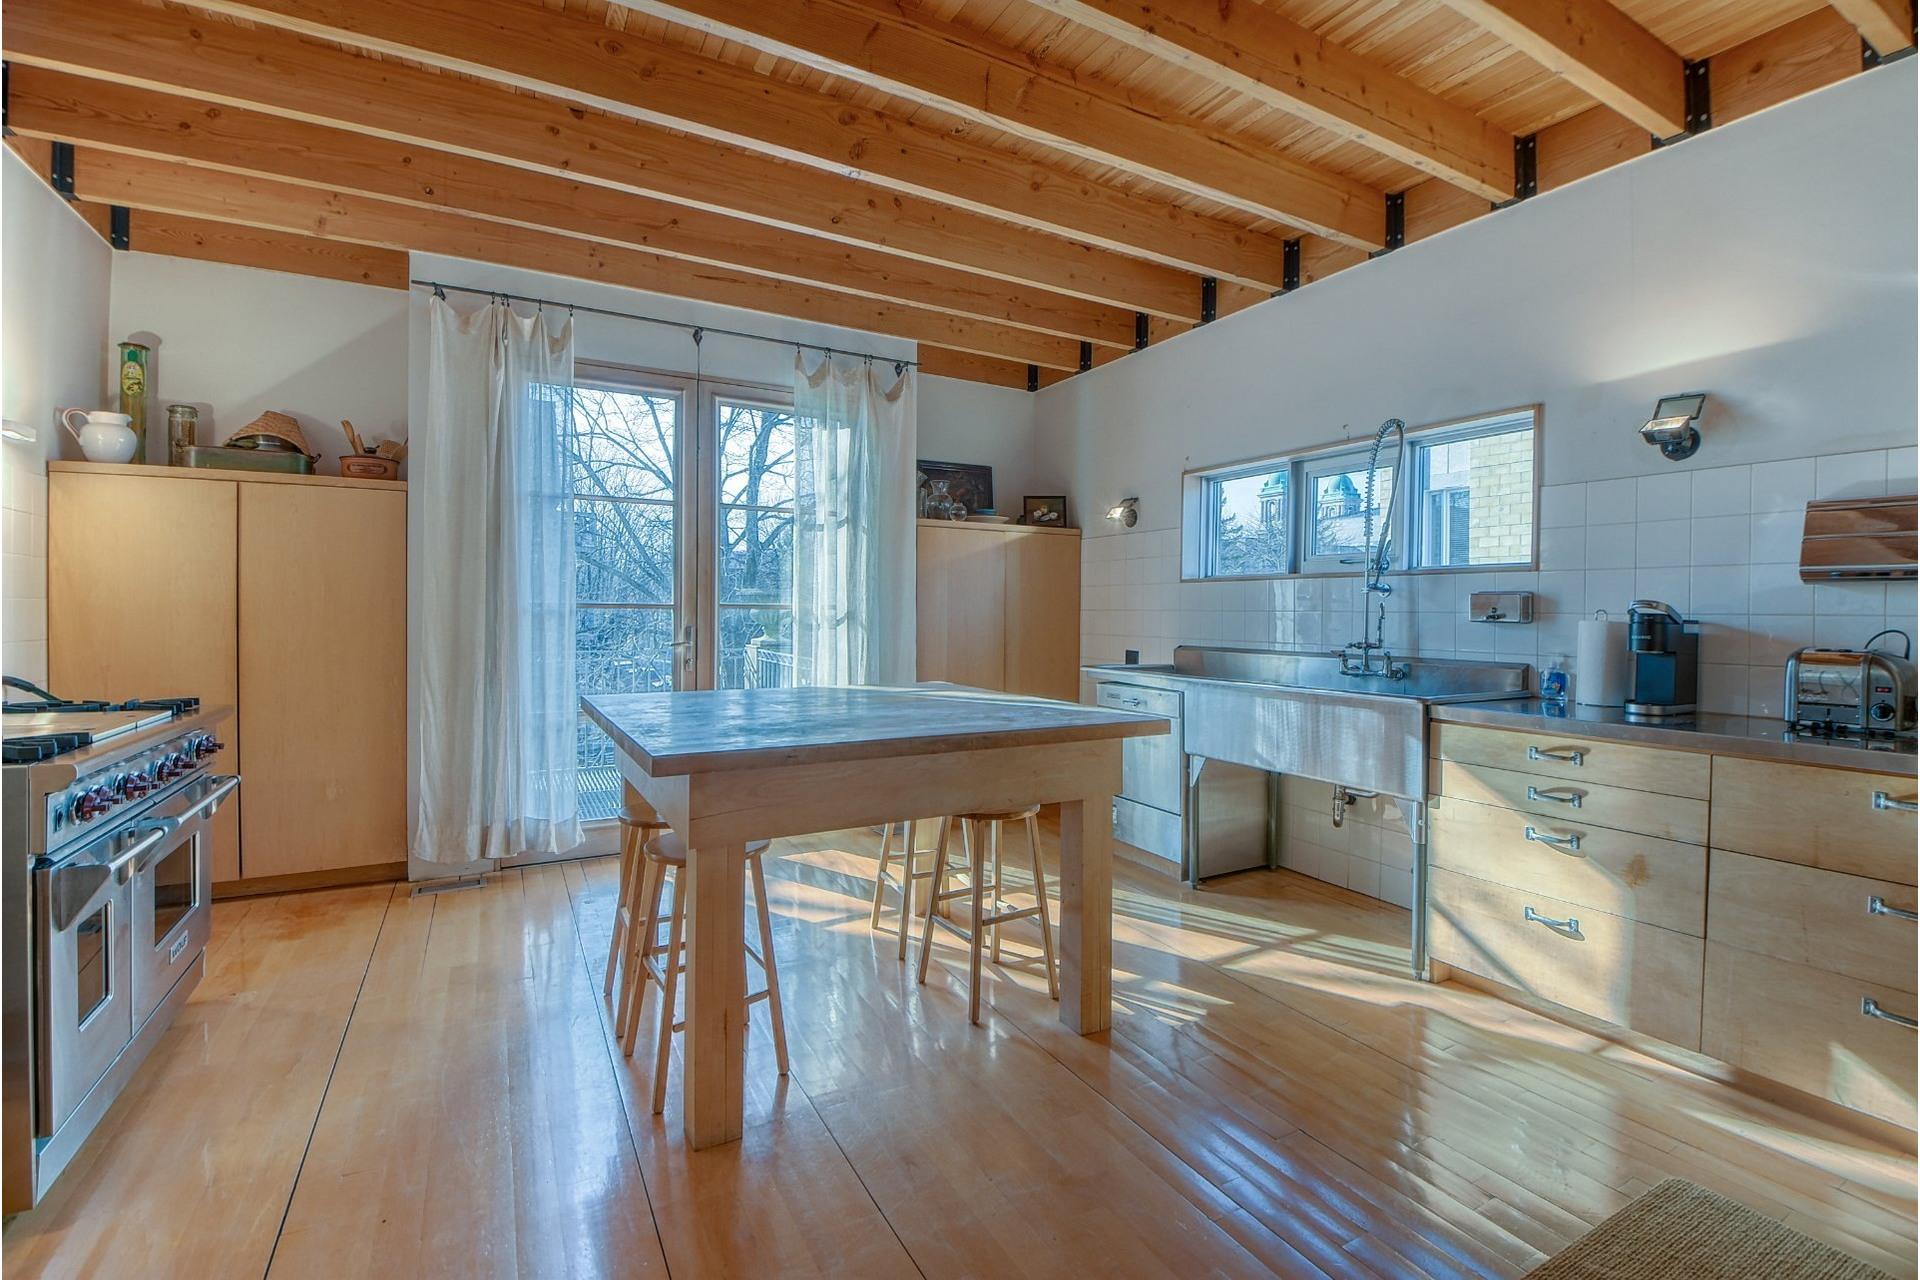 image 13 - Maison À vendre Le Sud-Ouest Montréal  - 10 pièces